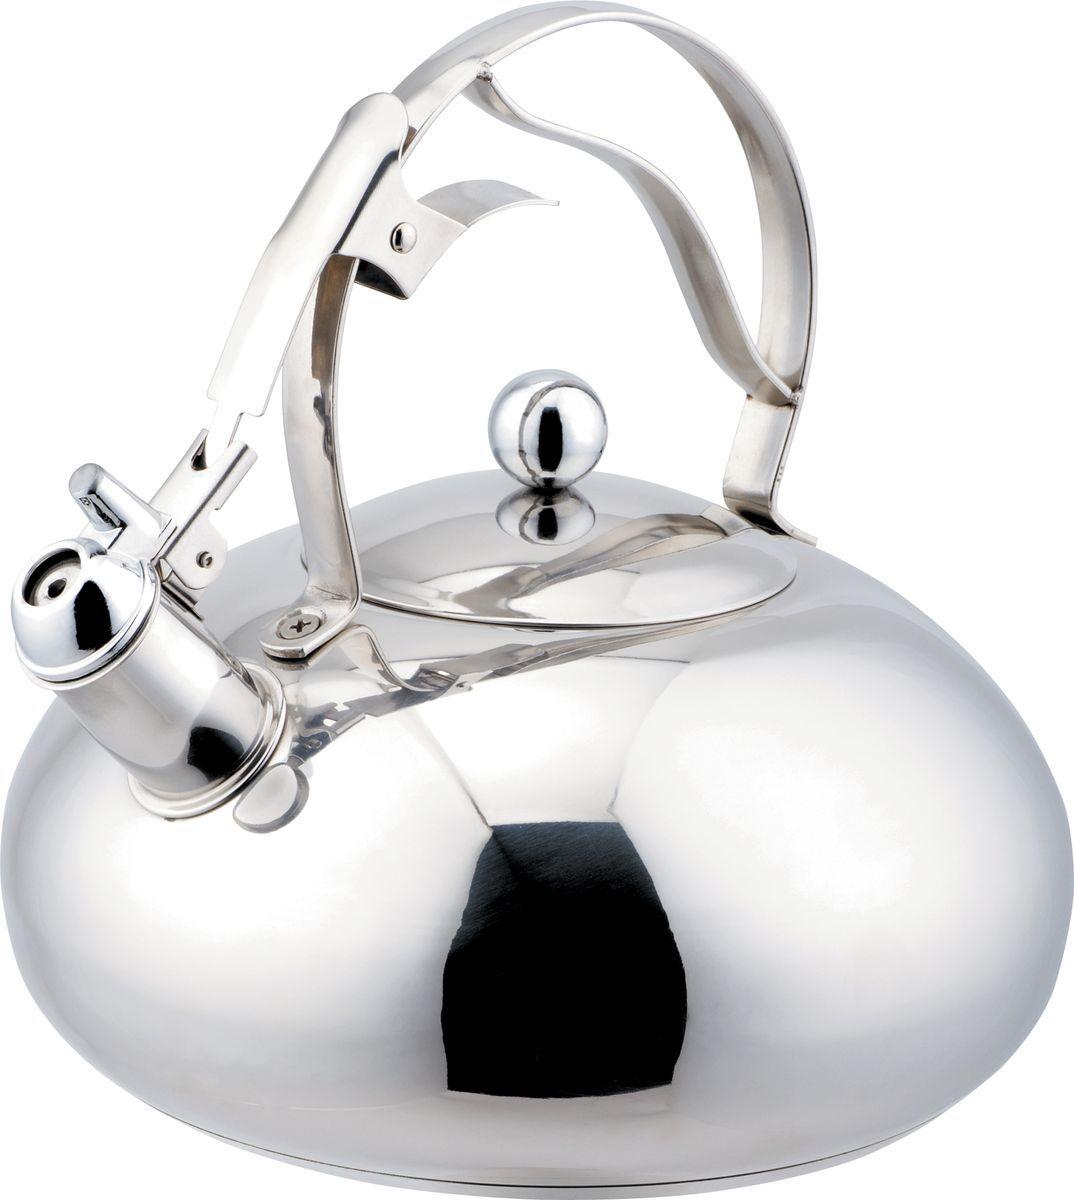 Чайник Bekker Koch, со свистком, 3 л. BK-S433VT-1520(SR)Чайник Bekker Koch изготовлен из высококачественной нержавеющей стали с зеркальной полировкой. Цельнометаллическое дно распределяет тепло по всей поверхности, что позволяет чайнику быстро закипать. Эргономичная фиксированная ручка выполнена из нержавеющей стали. Широкое отверстие по верхнему краю позволяет удобно наливать воду. Свисток открывается и закрывается нажатием кнопки на рукоятке. Подходит для всех типов плит, включая индукционные. Можно мыть в посудомоечной машине.Диаметр (по верхнему краю): 11 см. Диаметр основания: 18 см. Толщина стенки: 0,65 мм.Высота чайника (без учета ручки): 10 см. Высота чайника (с учетом ручки): 22 см.